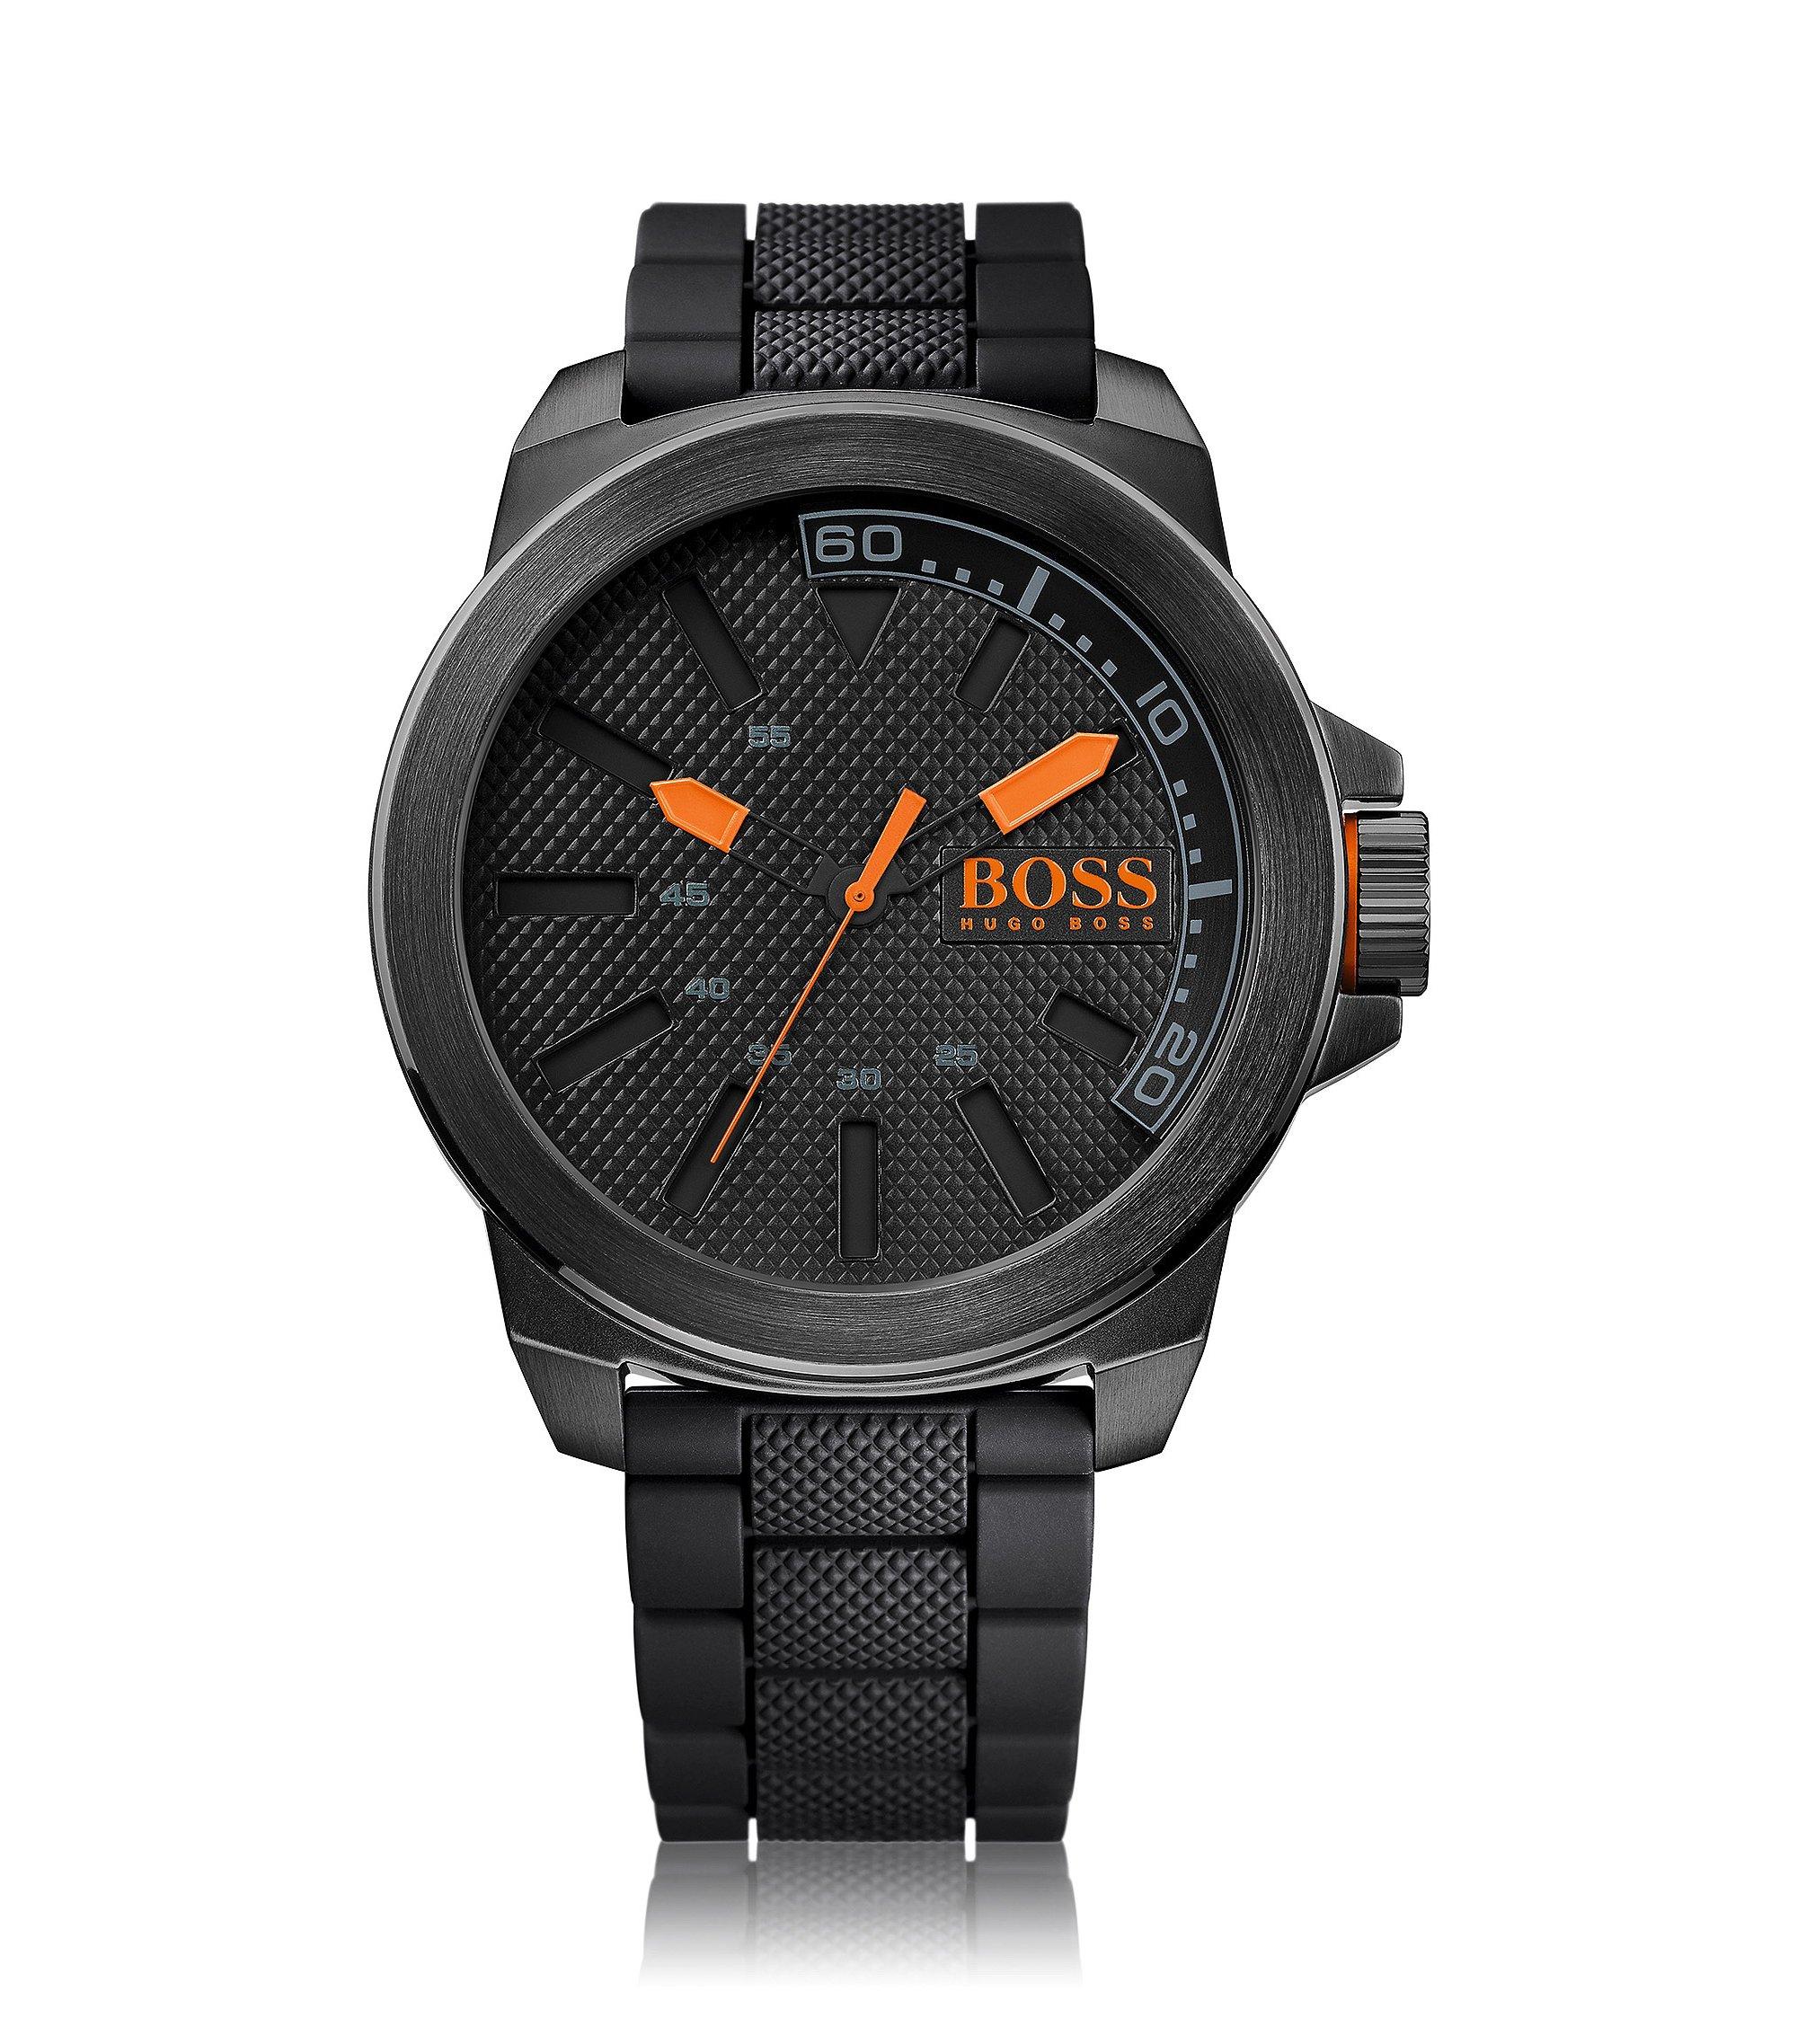 Uhr aus Edelstahl mit drei Zeigern, strukturiertem Zifferblatt und Silikonarmband, Schwarz